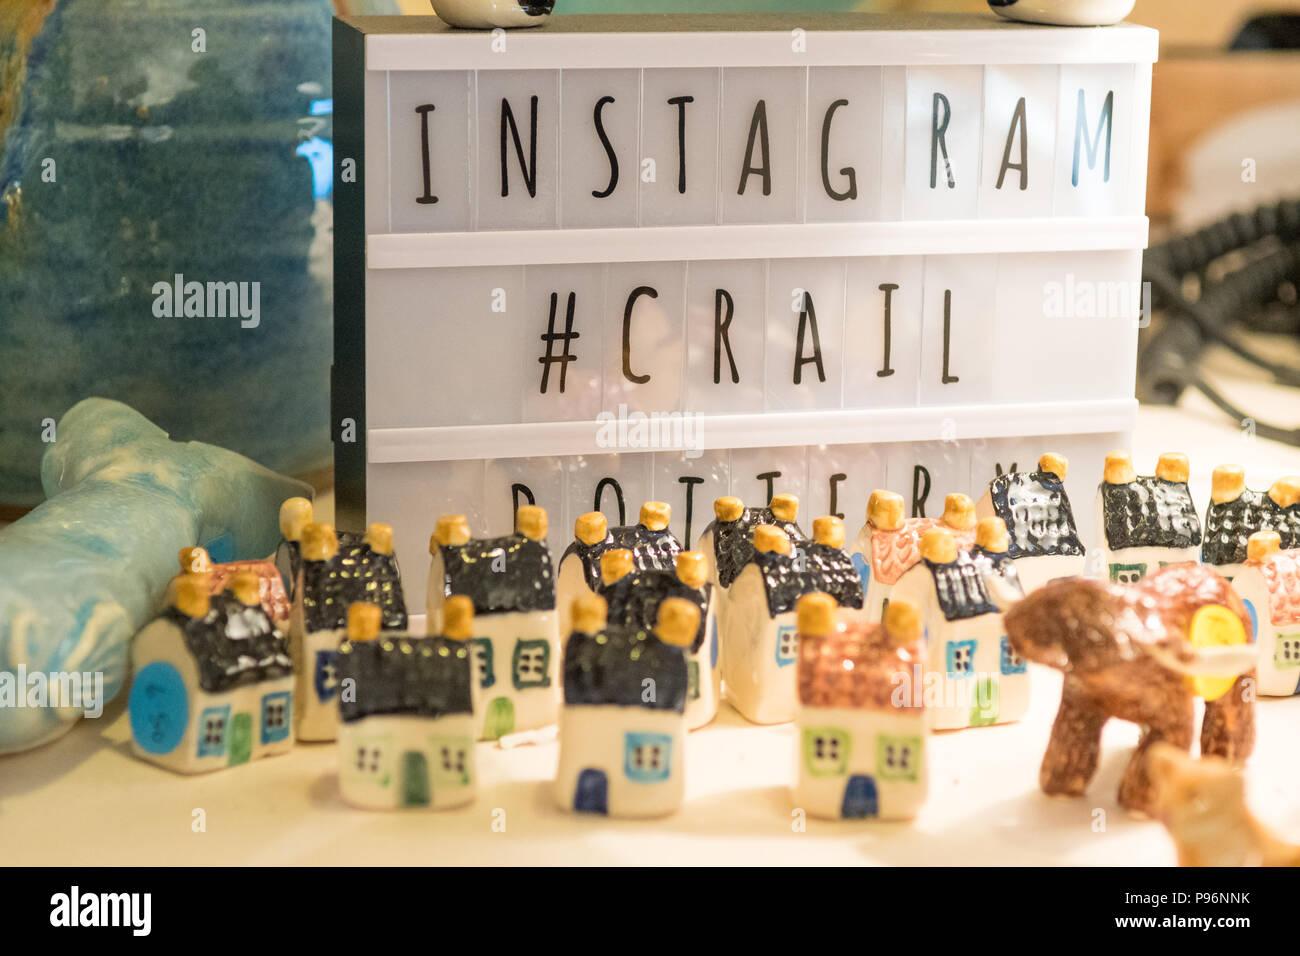 Social Media Marketing en utilisant le hashtag de marque afin d'encourager les contenus générés par l'utilisateur par une petite entreprise - Crail Poterie, Fife, Scotland, UK Photo Stock